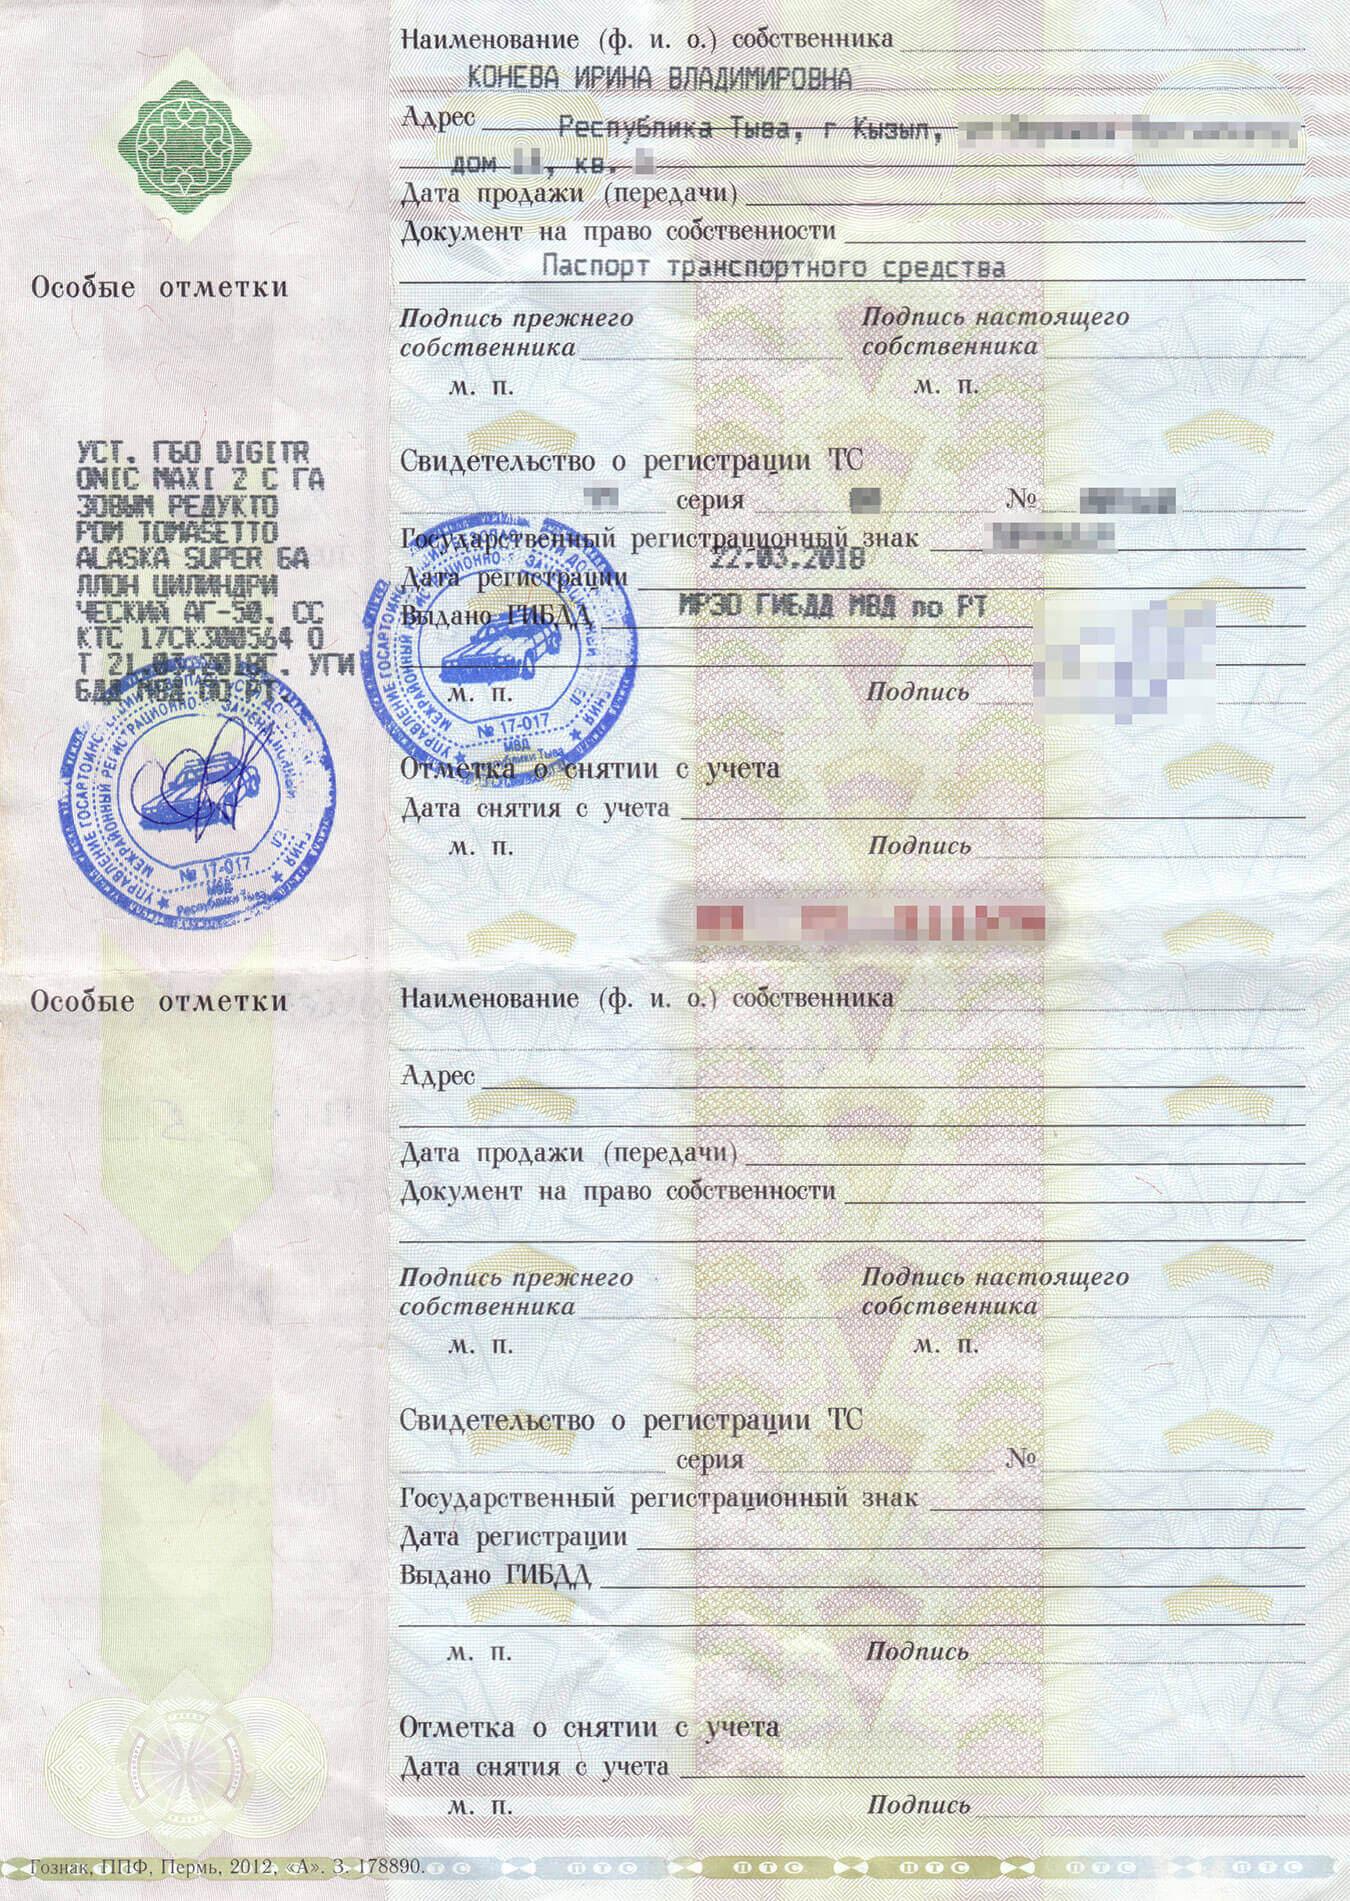 В ПТС такую же запись тоже сделали в графе «особые отметки» и заверили ее печатью и подписью